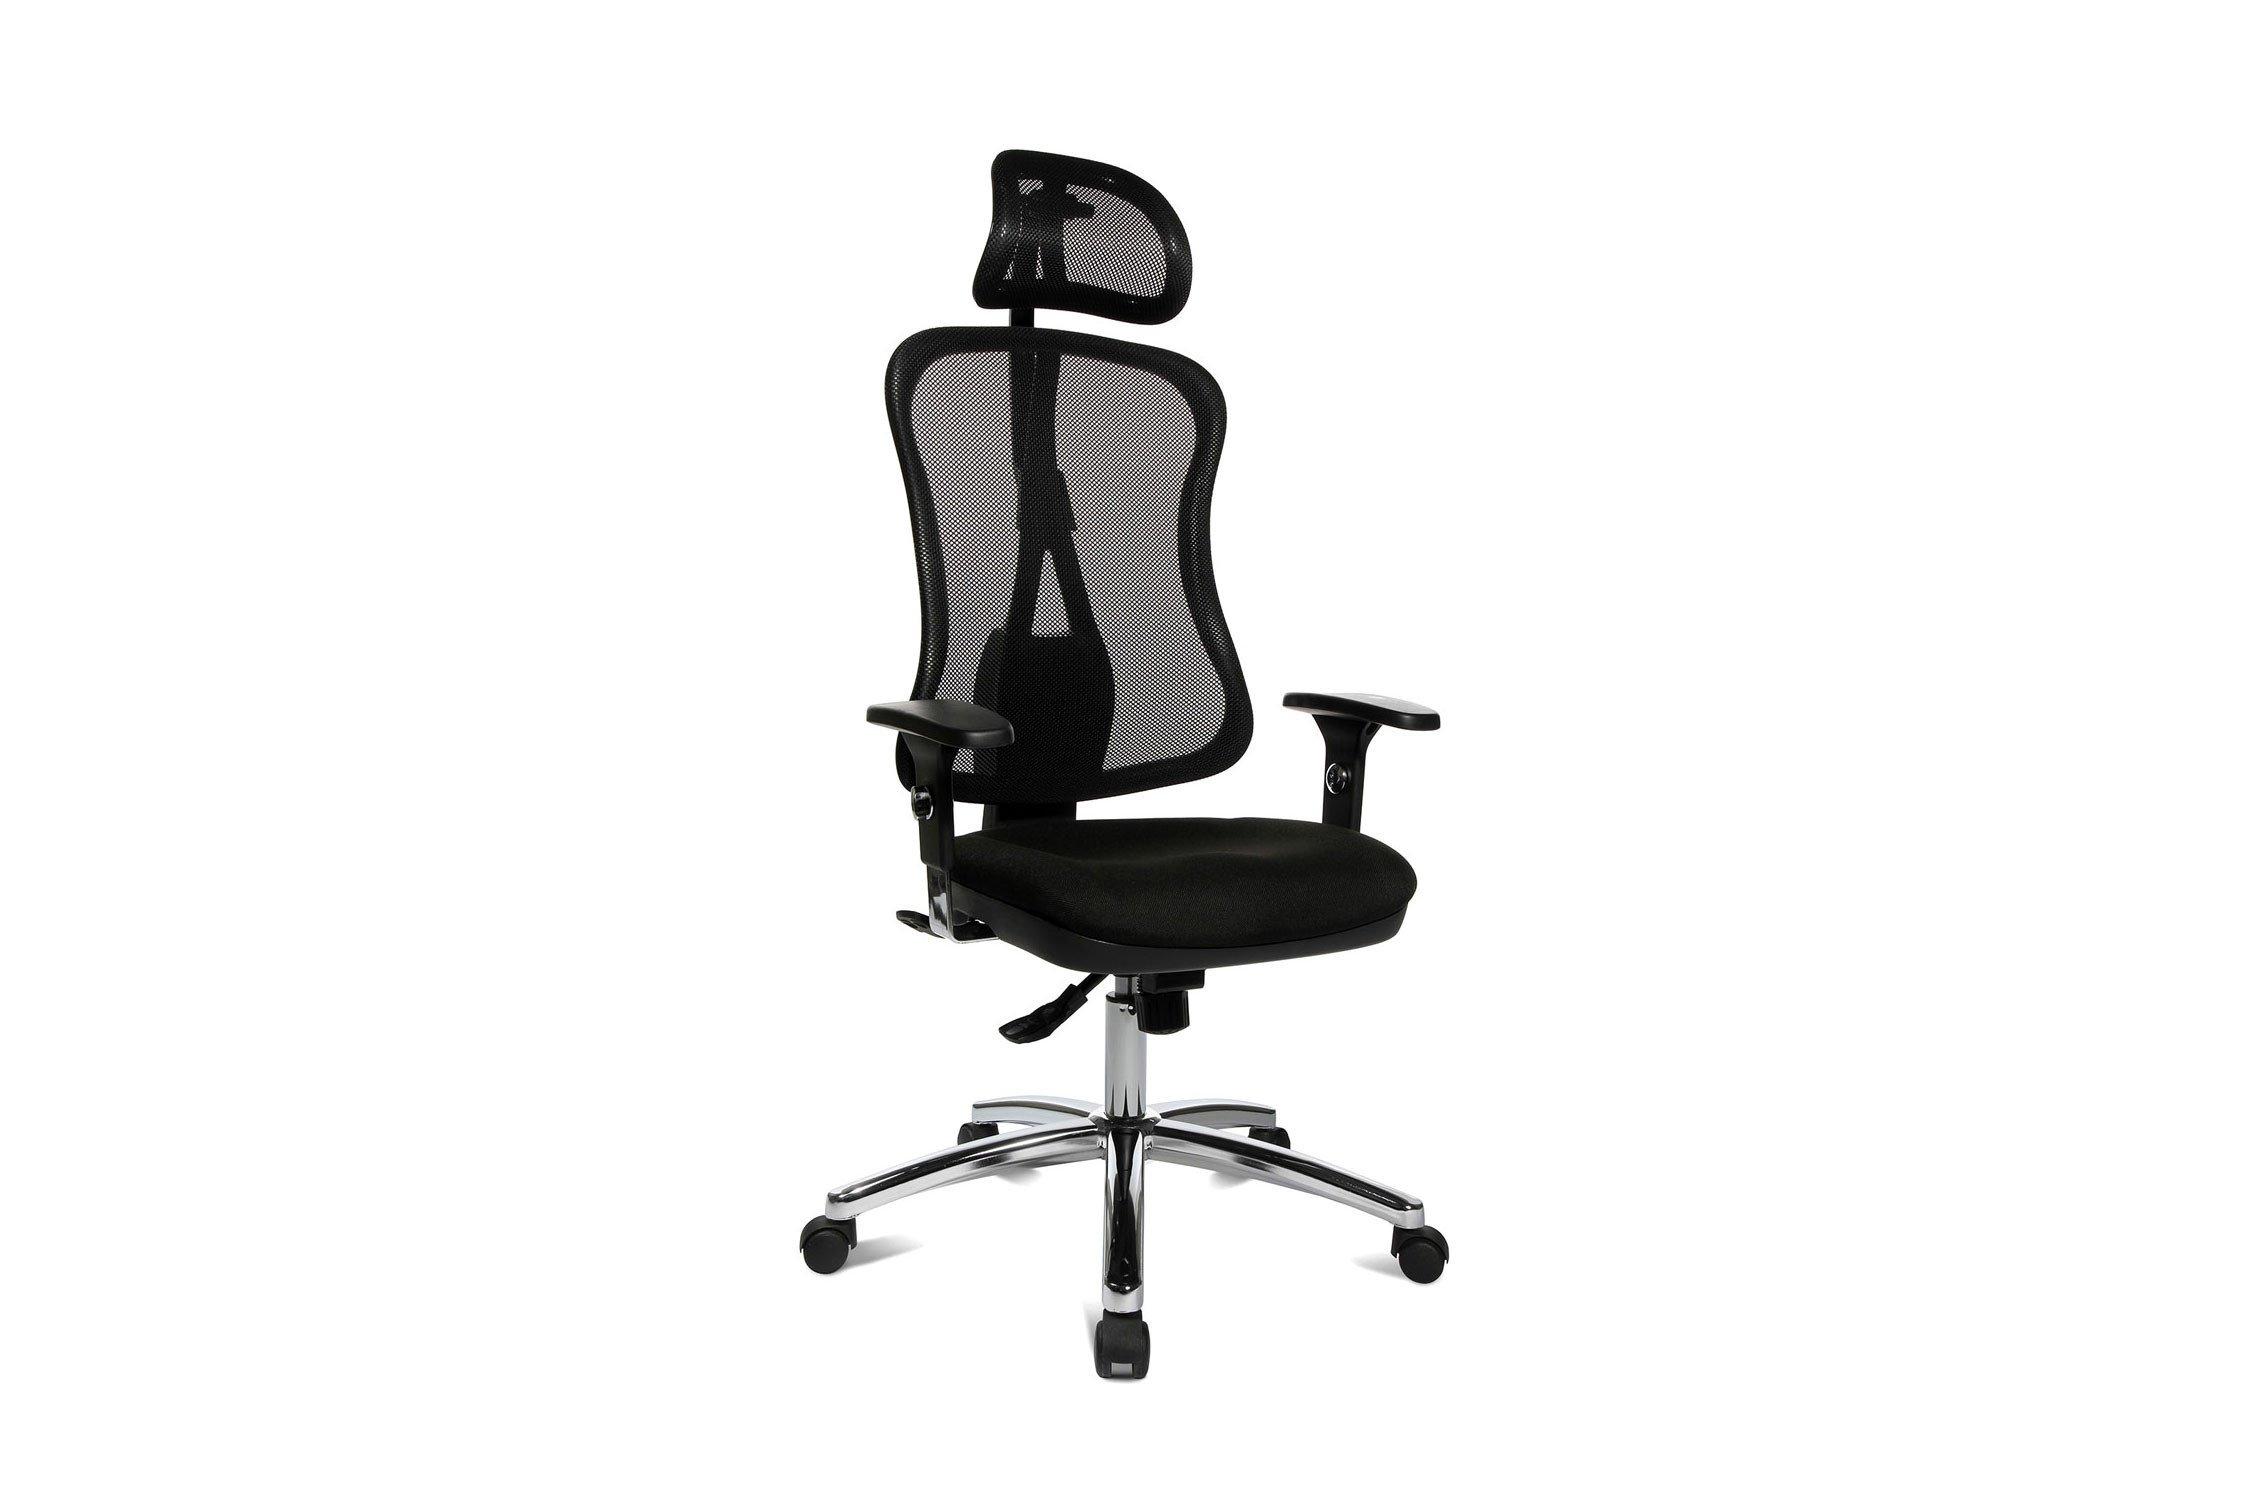 Drehstuhl Linea 45 schwarz von Topstar | Möbel Letz - Ihr Online-Shop